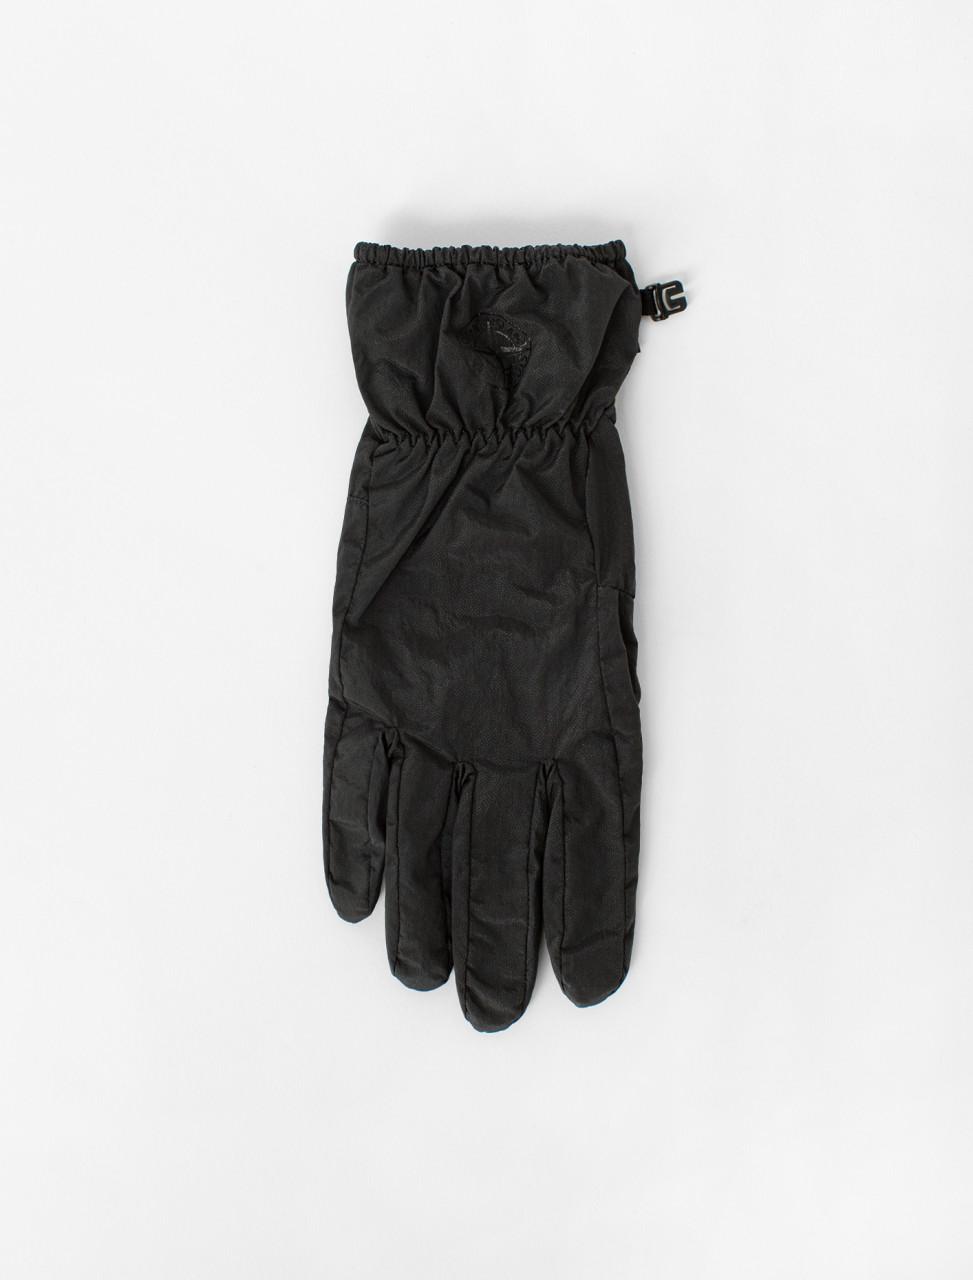 Gloves in Dark Grey